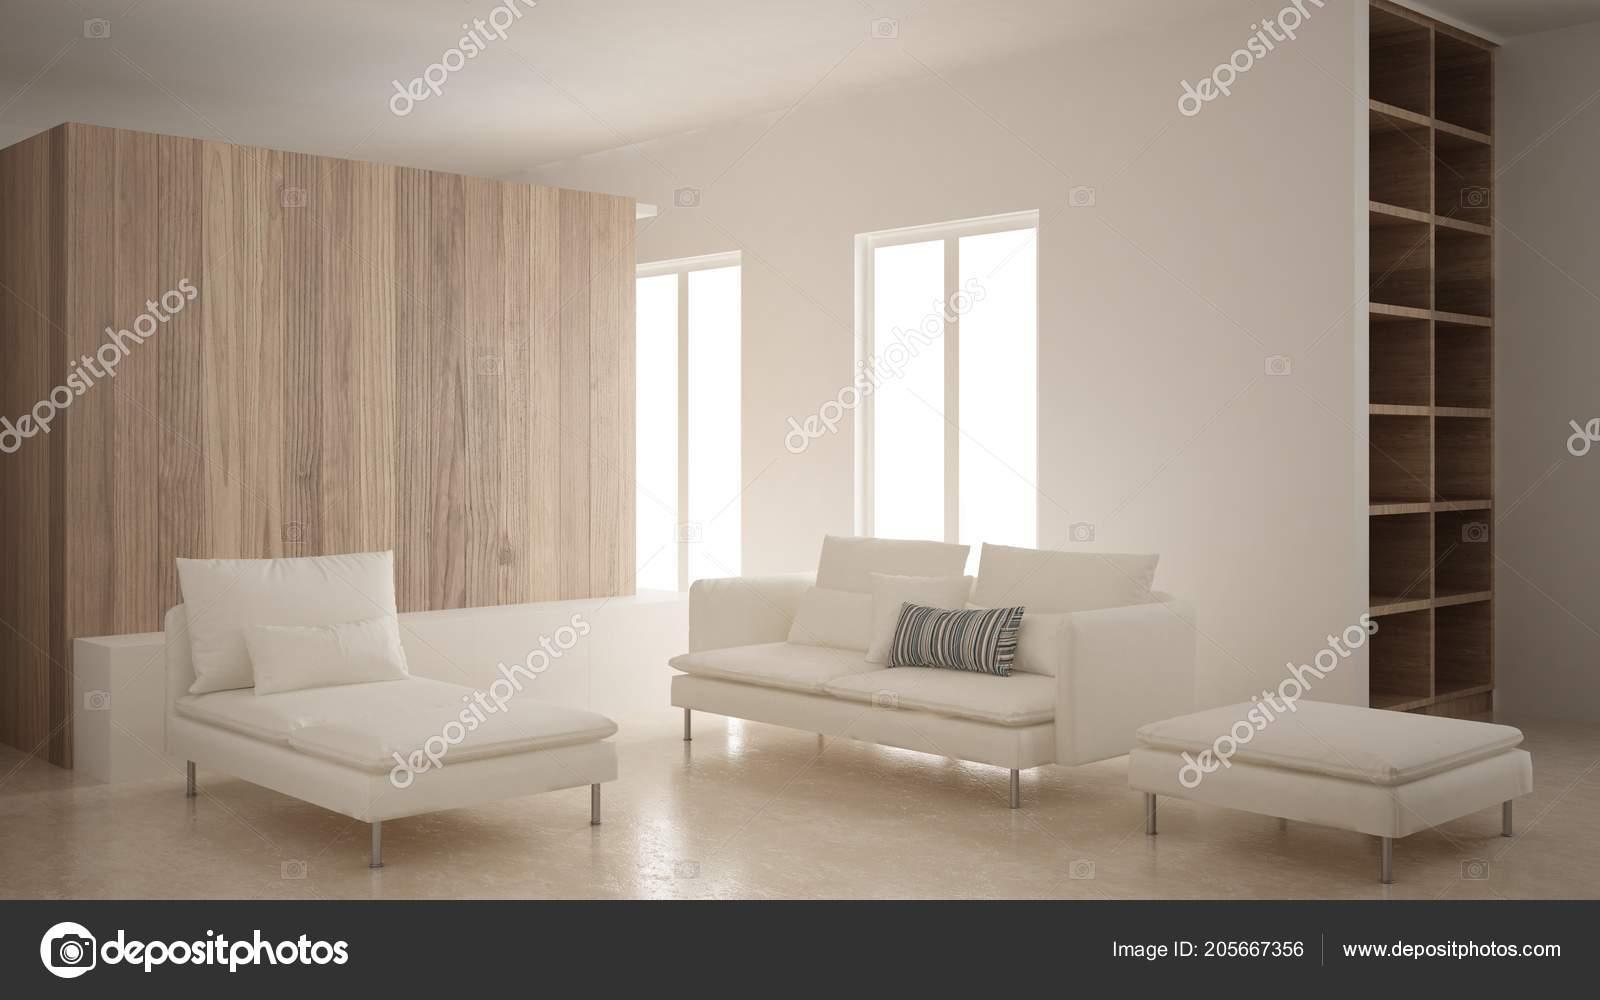 Minimalismus Modernes Wohnzimmer Mit Sofa Chaiselongue Und Hocker ...